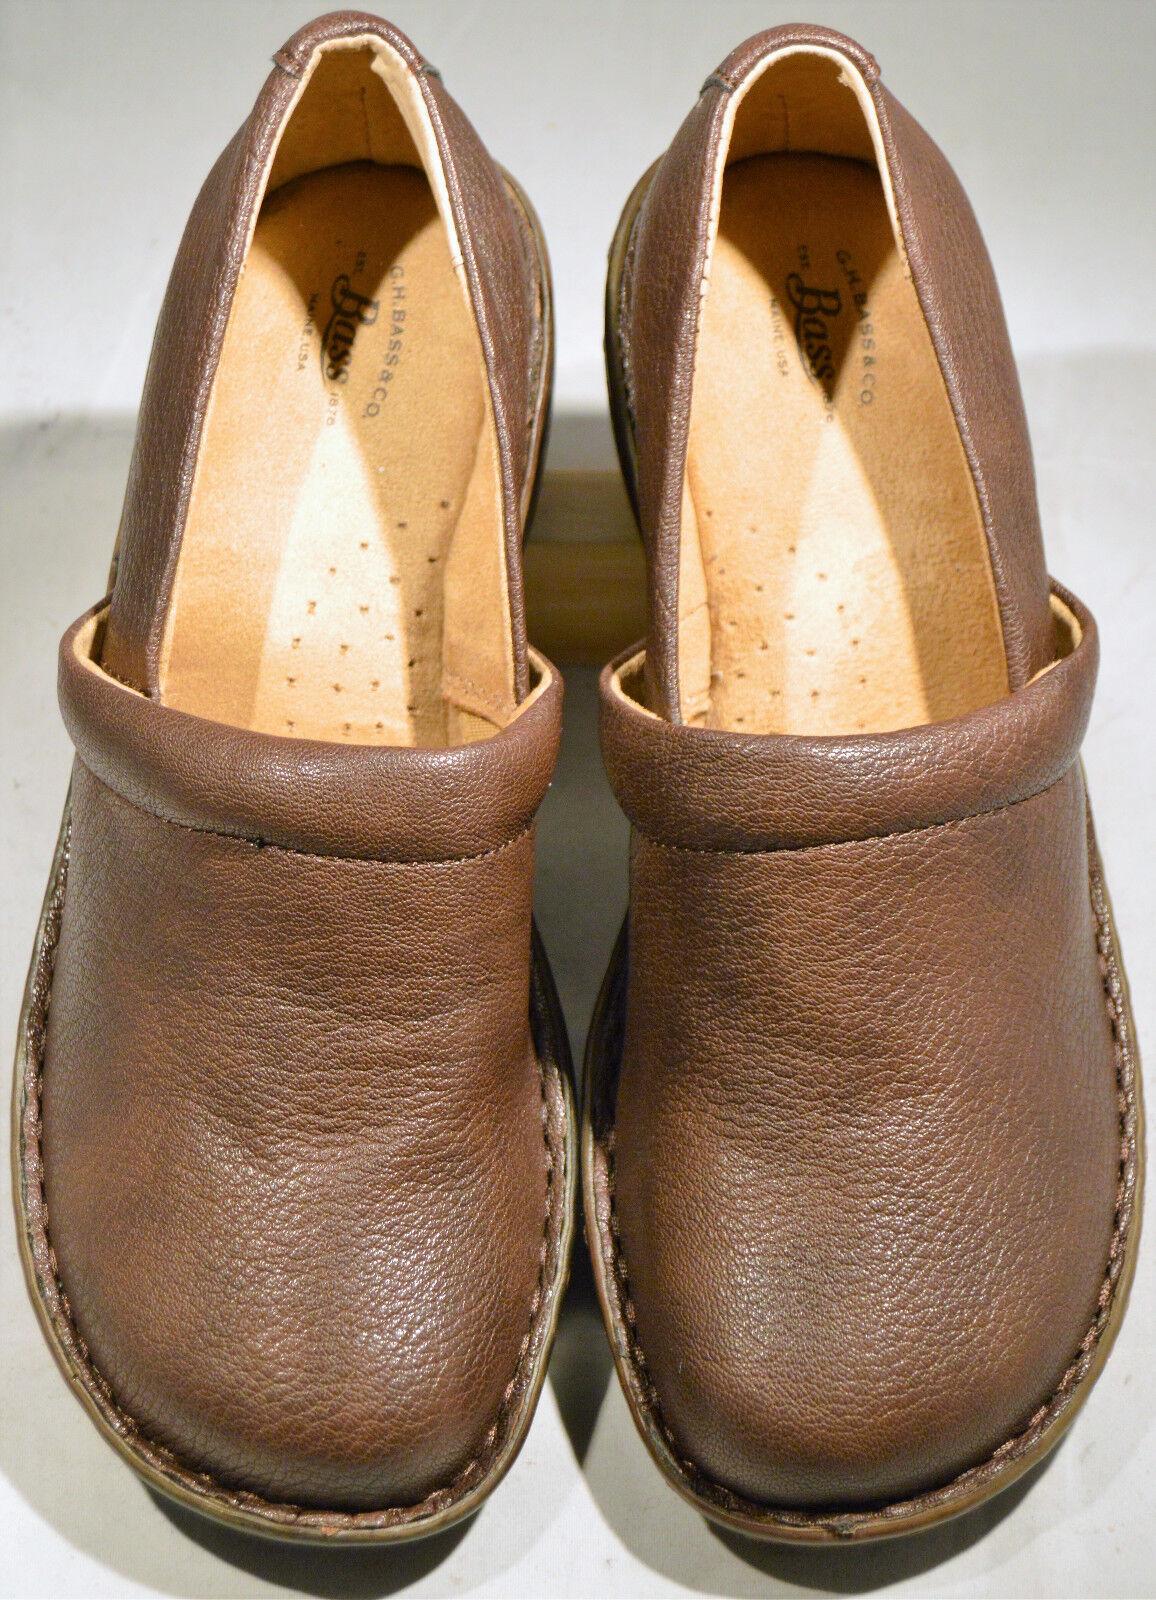 WOMEN'S Schuhe, G. H. BASS, SLIP-ONS, BROWN, SIZE 8 M